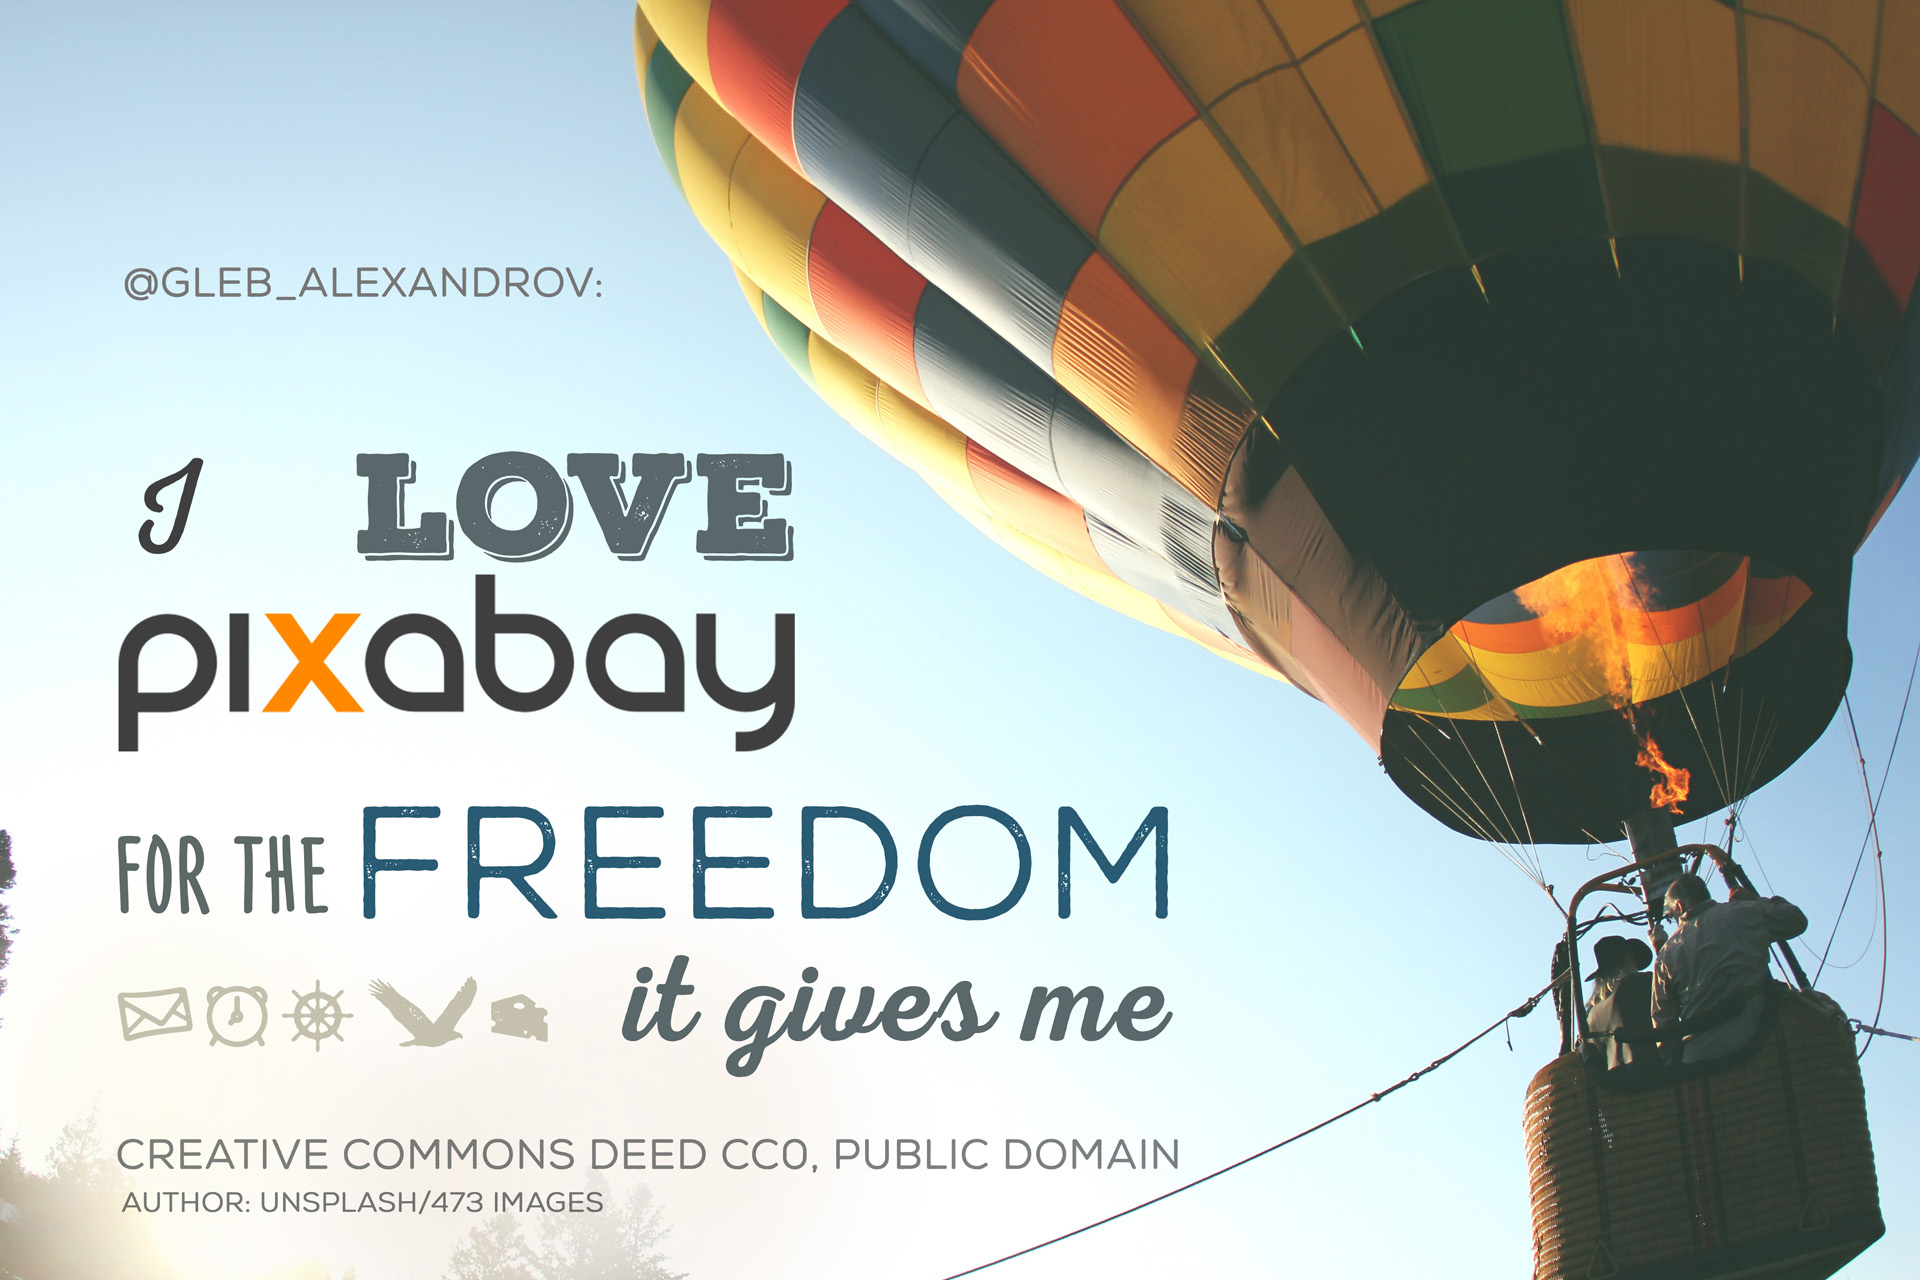 Pixabay imagens gratuitas